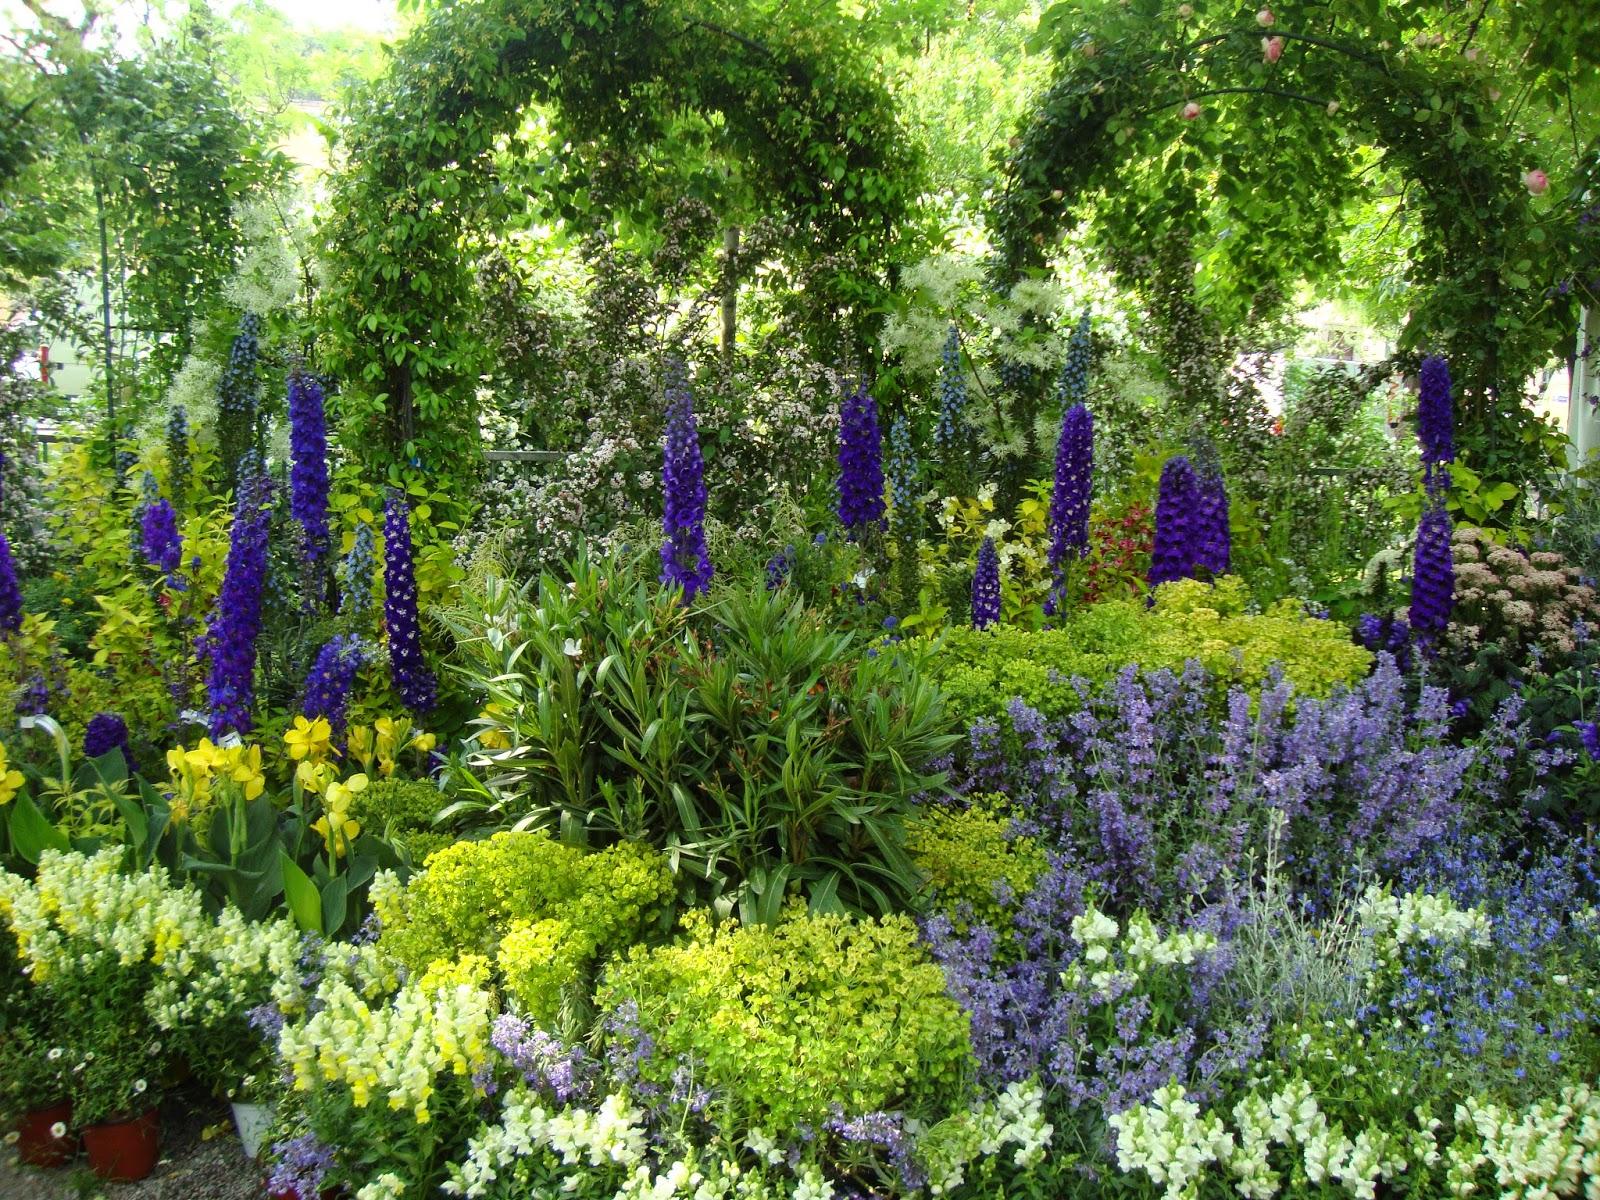 Foto diario di una giardiniera curiosa immagini da for Immagini giardiniere